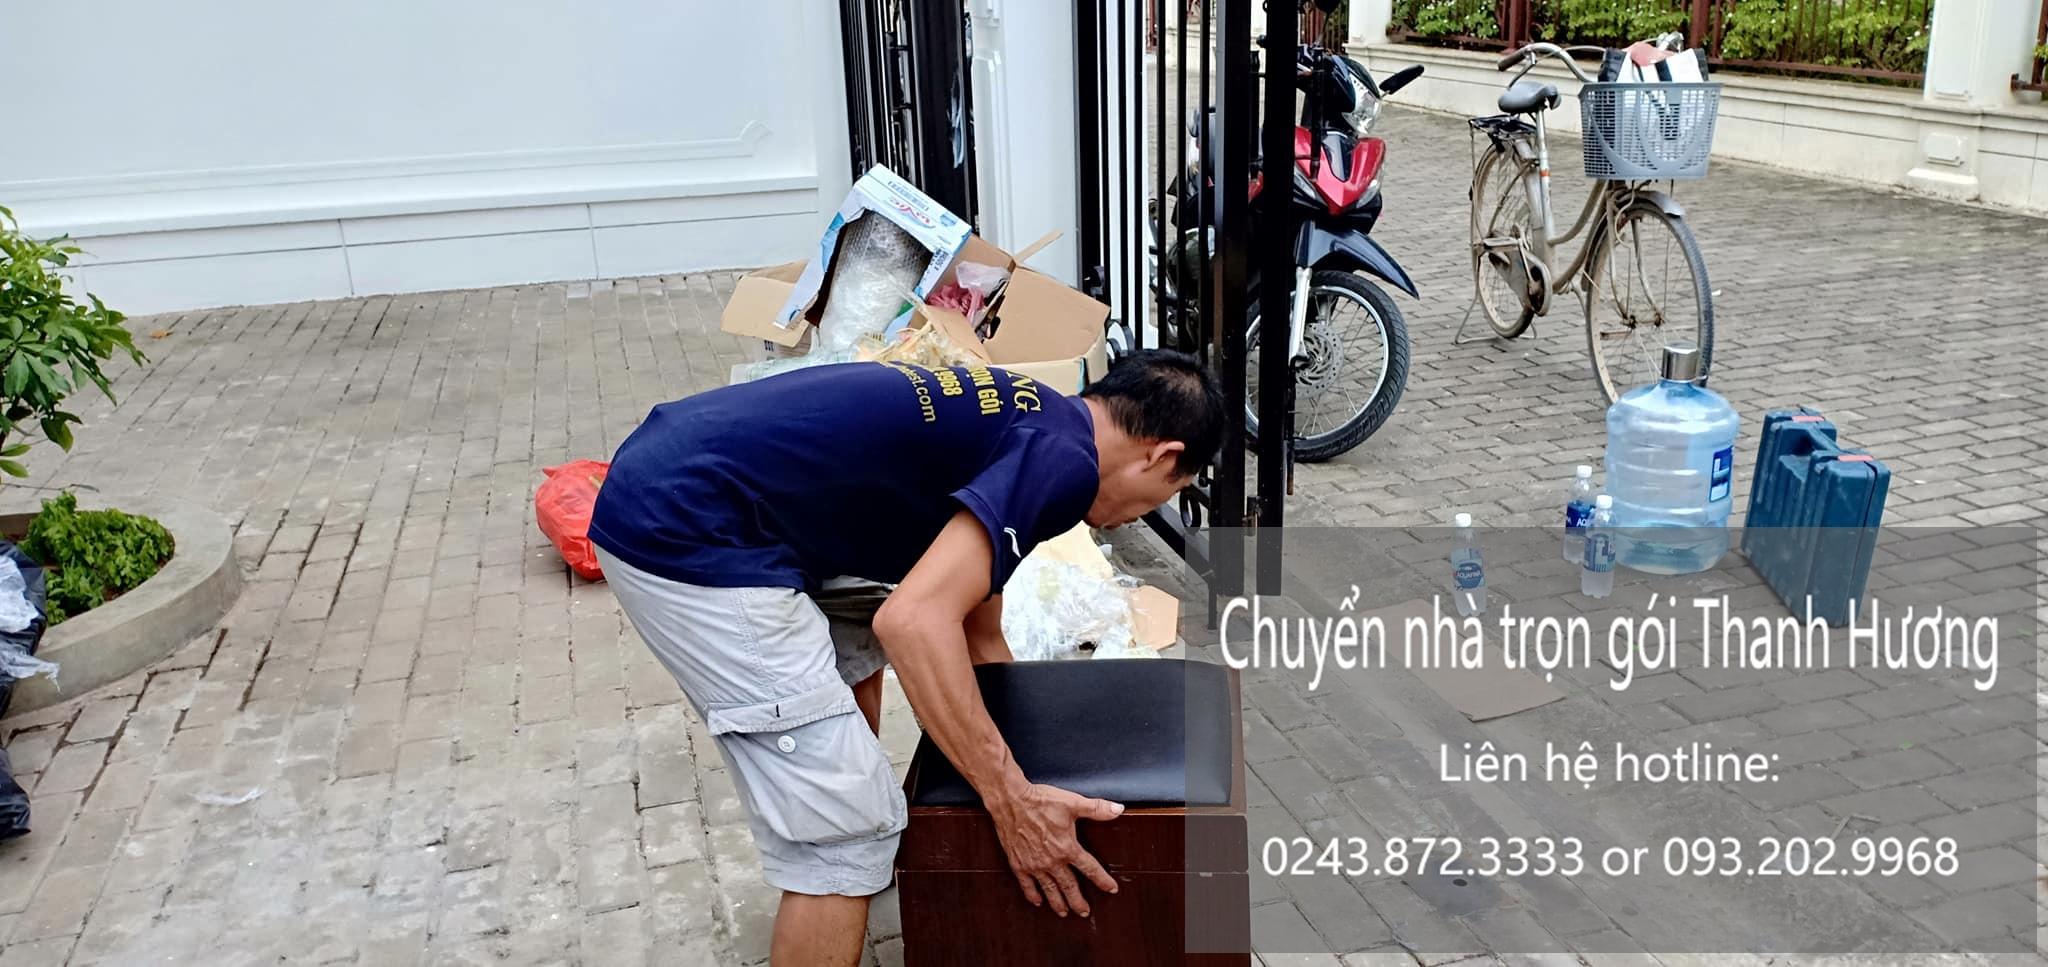 Chuyển nhà trọn gói 365 tại phường Lĩnh Nam-093.202.9968